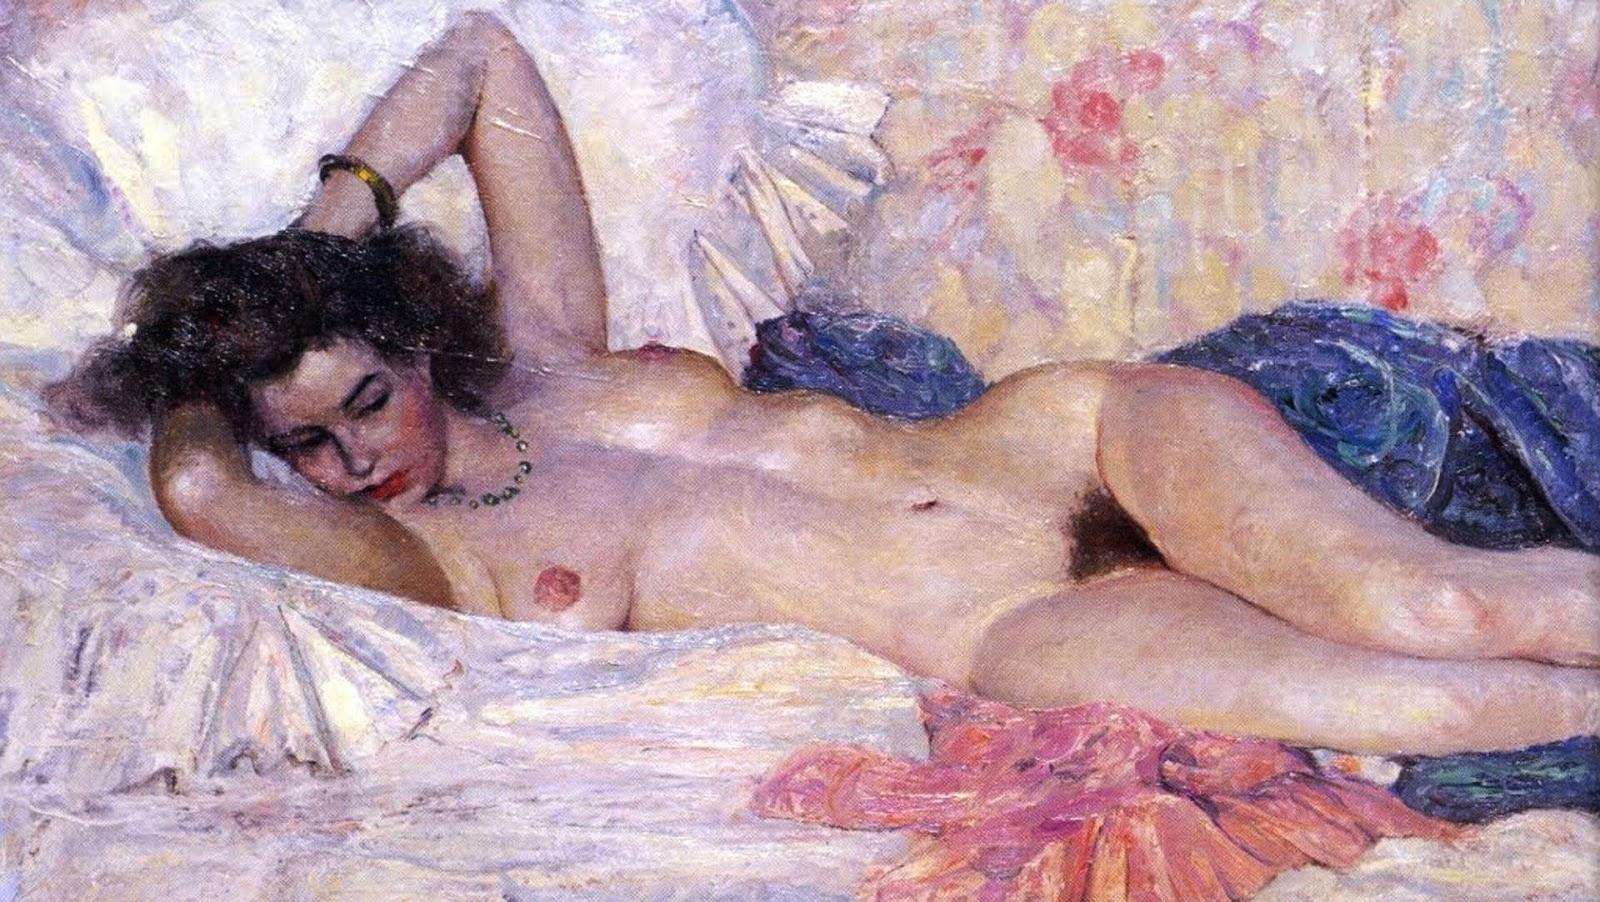 Ретро рисунки голых женщин, Старые, классические, ретро эротические фотографии 4 фотография